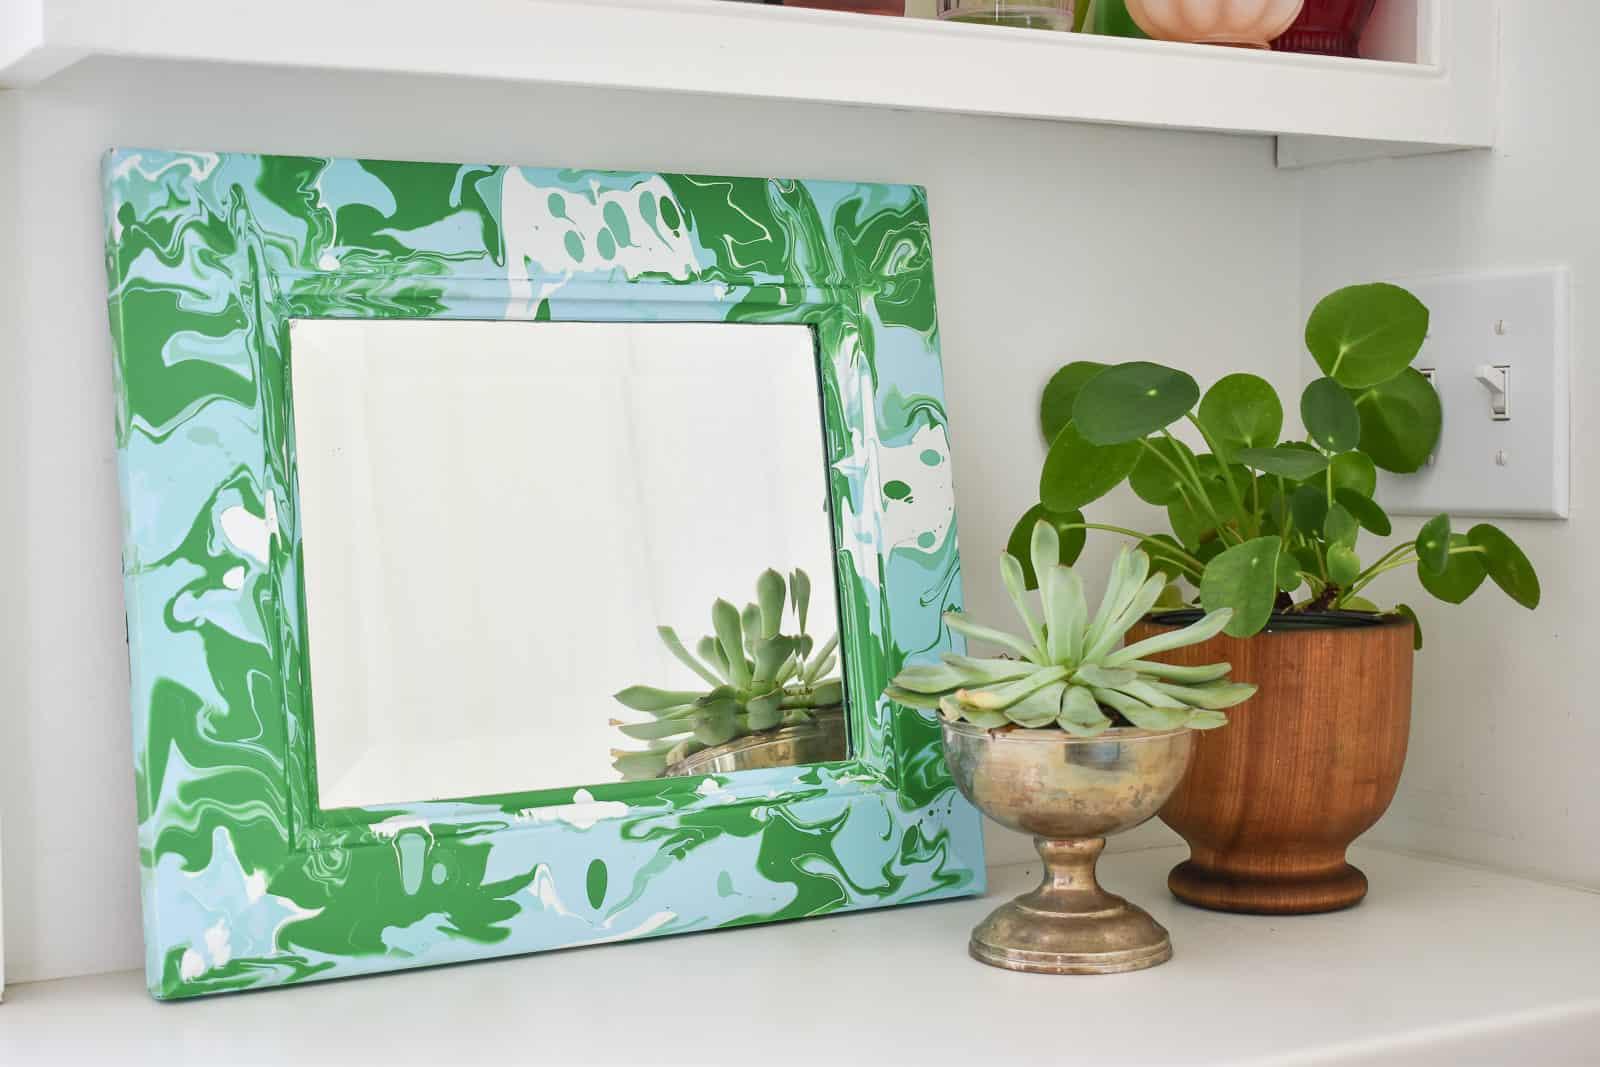 paint pour mirror